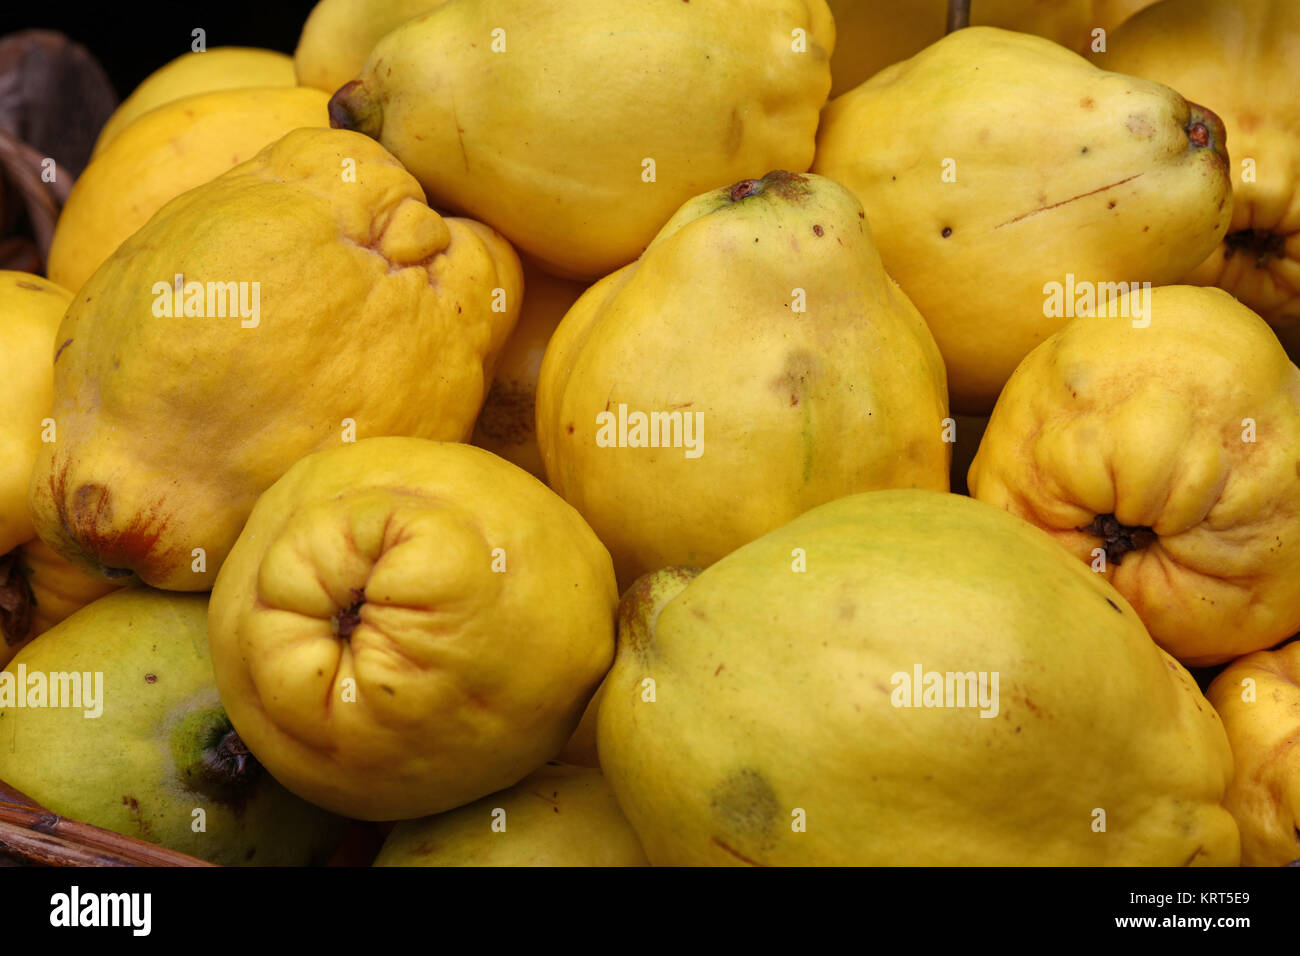 Frische Ernte Von Gelb Reife Quitten Früchte Nahaufnahme Stockfoto